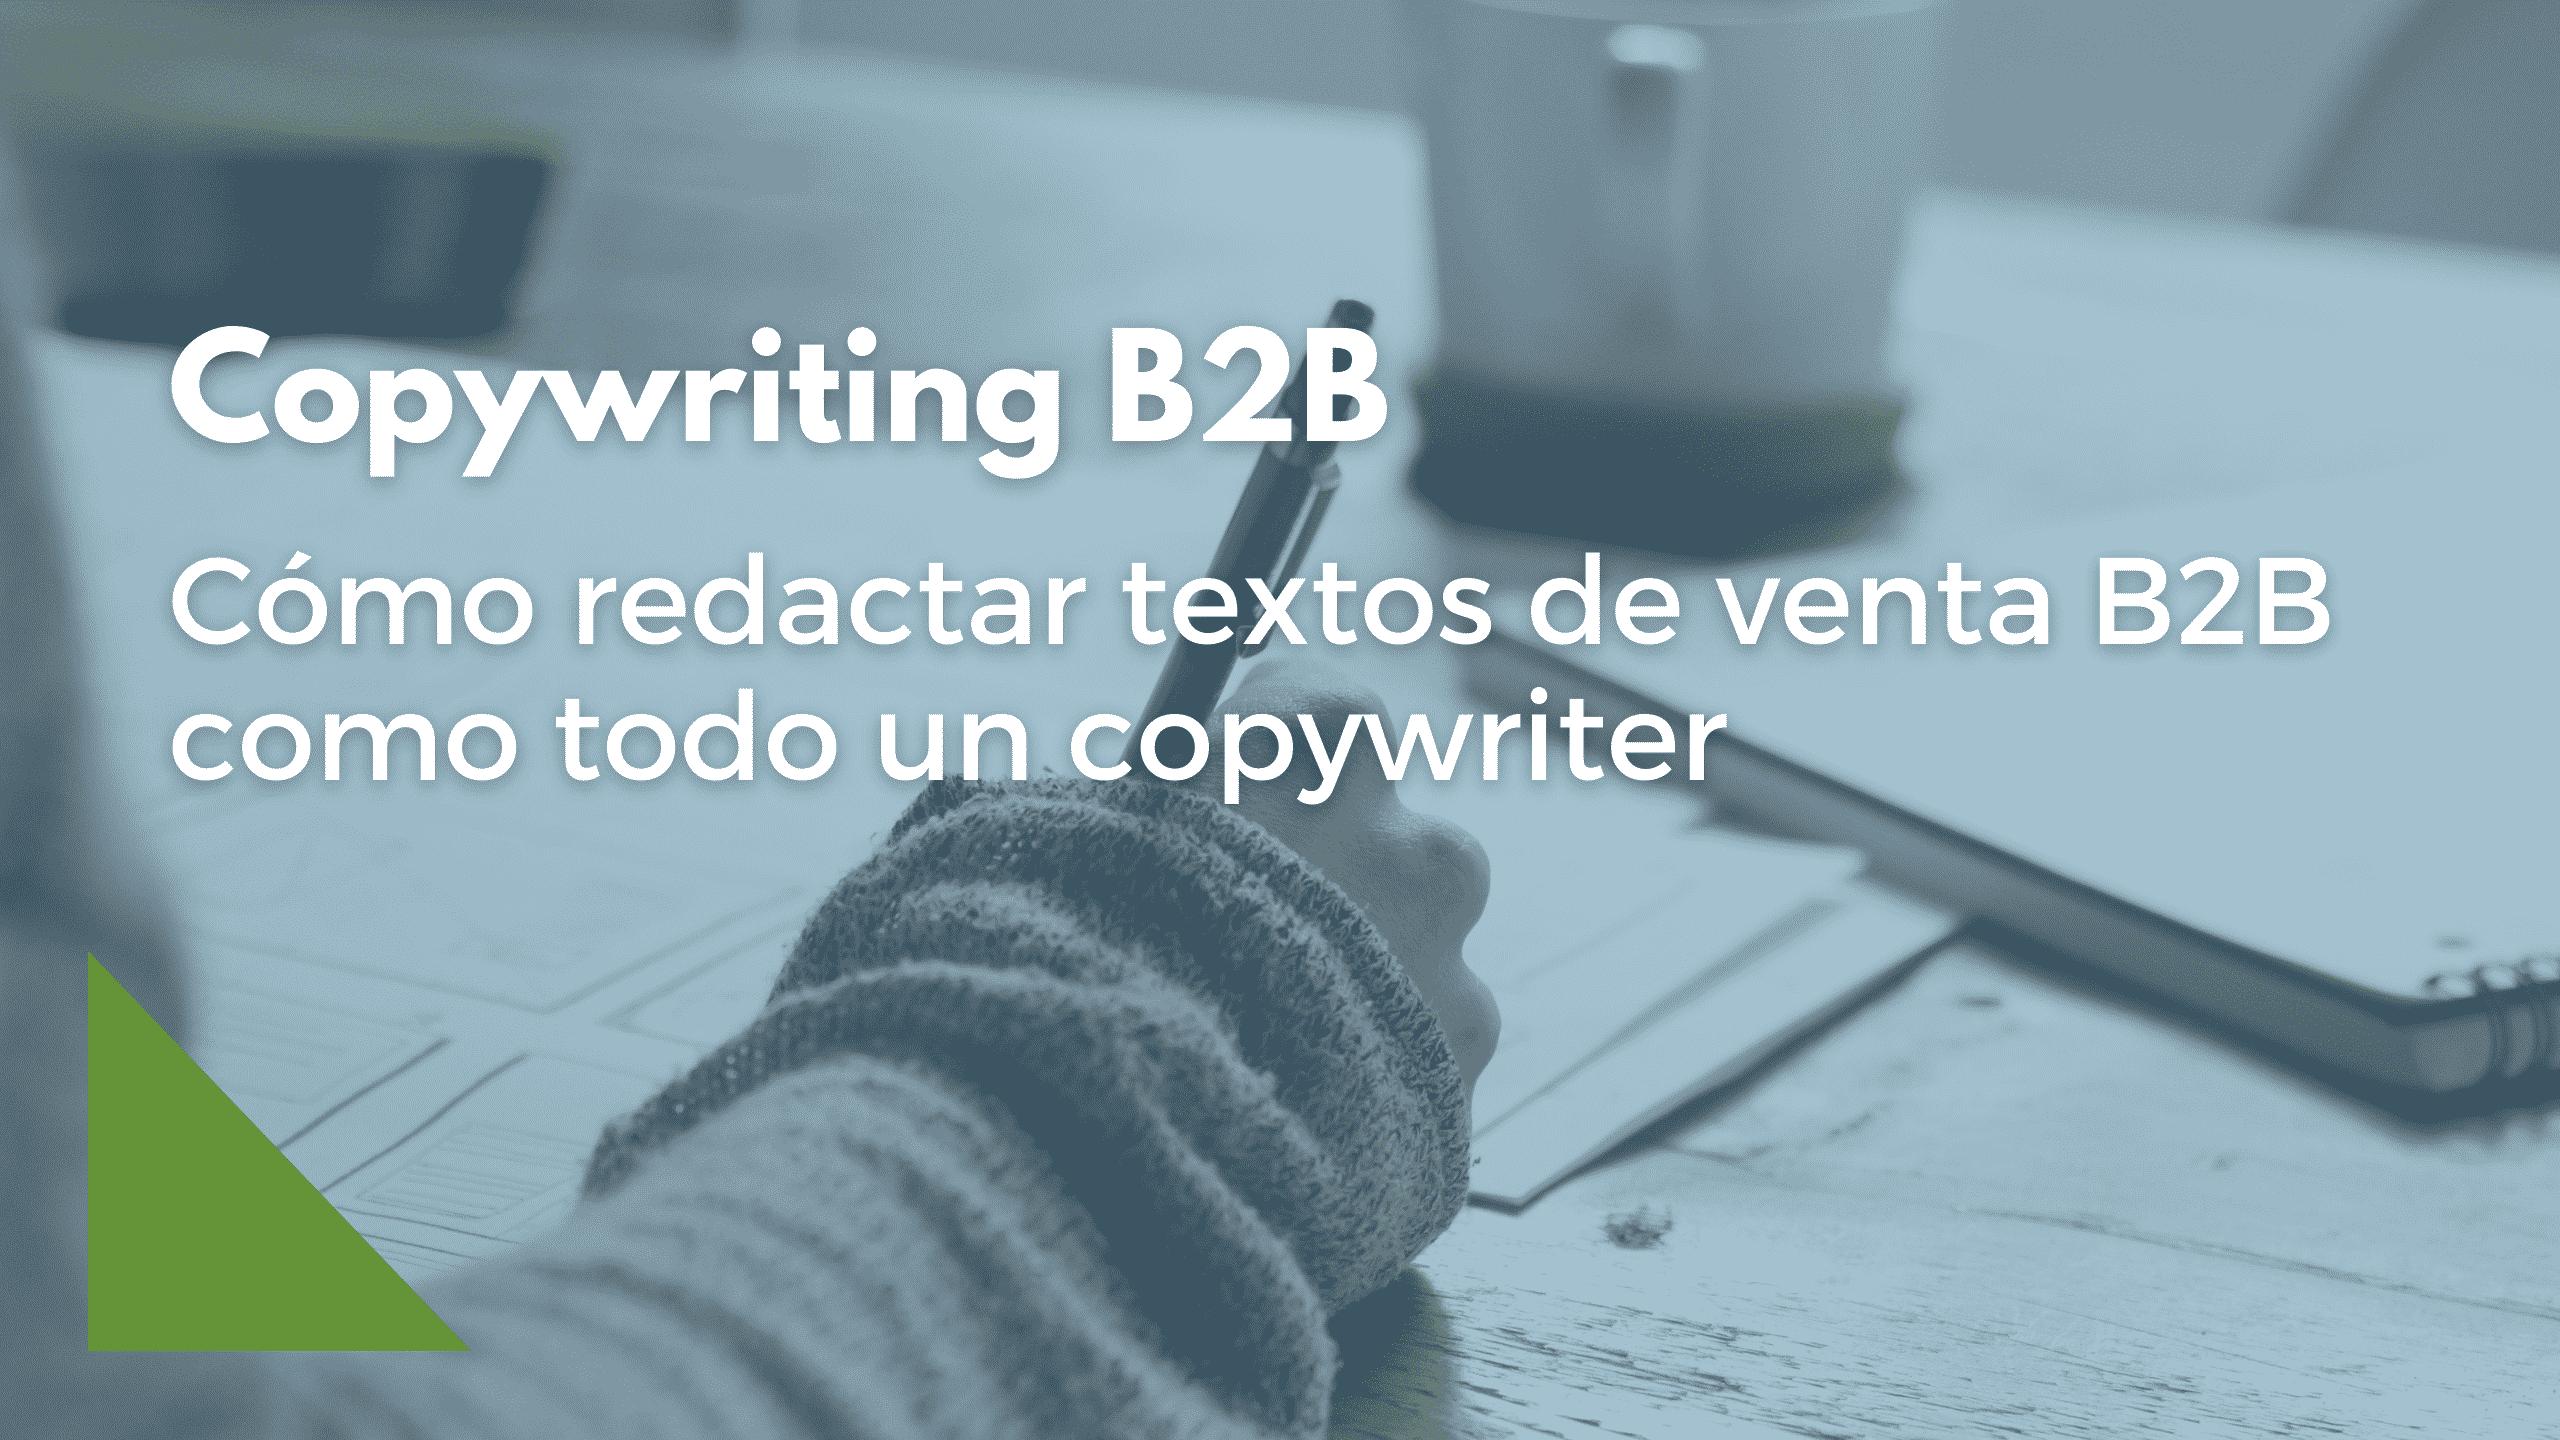 Descubre cómo redactar textos de venta B2B para triunfar